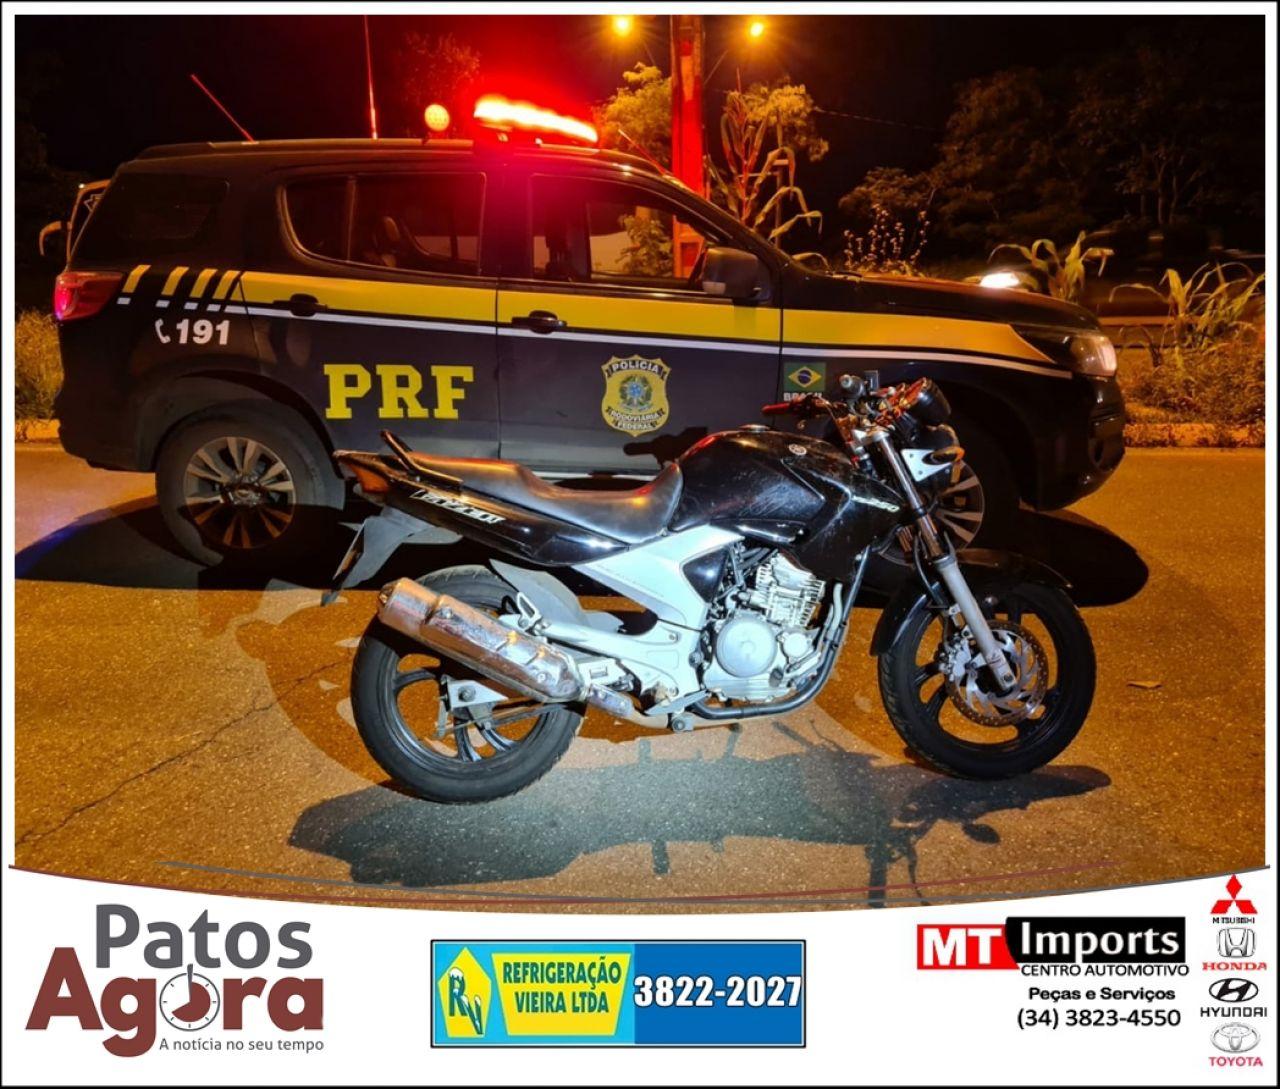 PRF em Patos de Minas recupera motocicleta furtada em Uberlândia que seria levada para o Sergipe